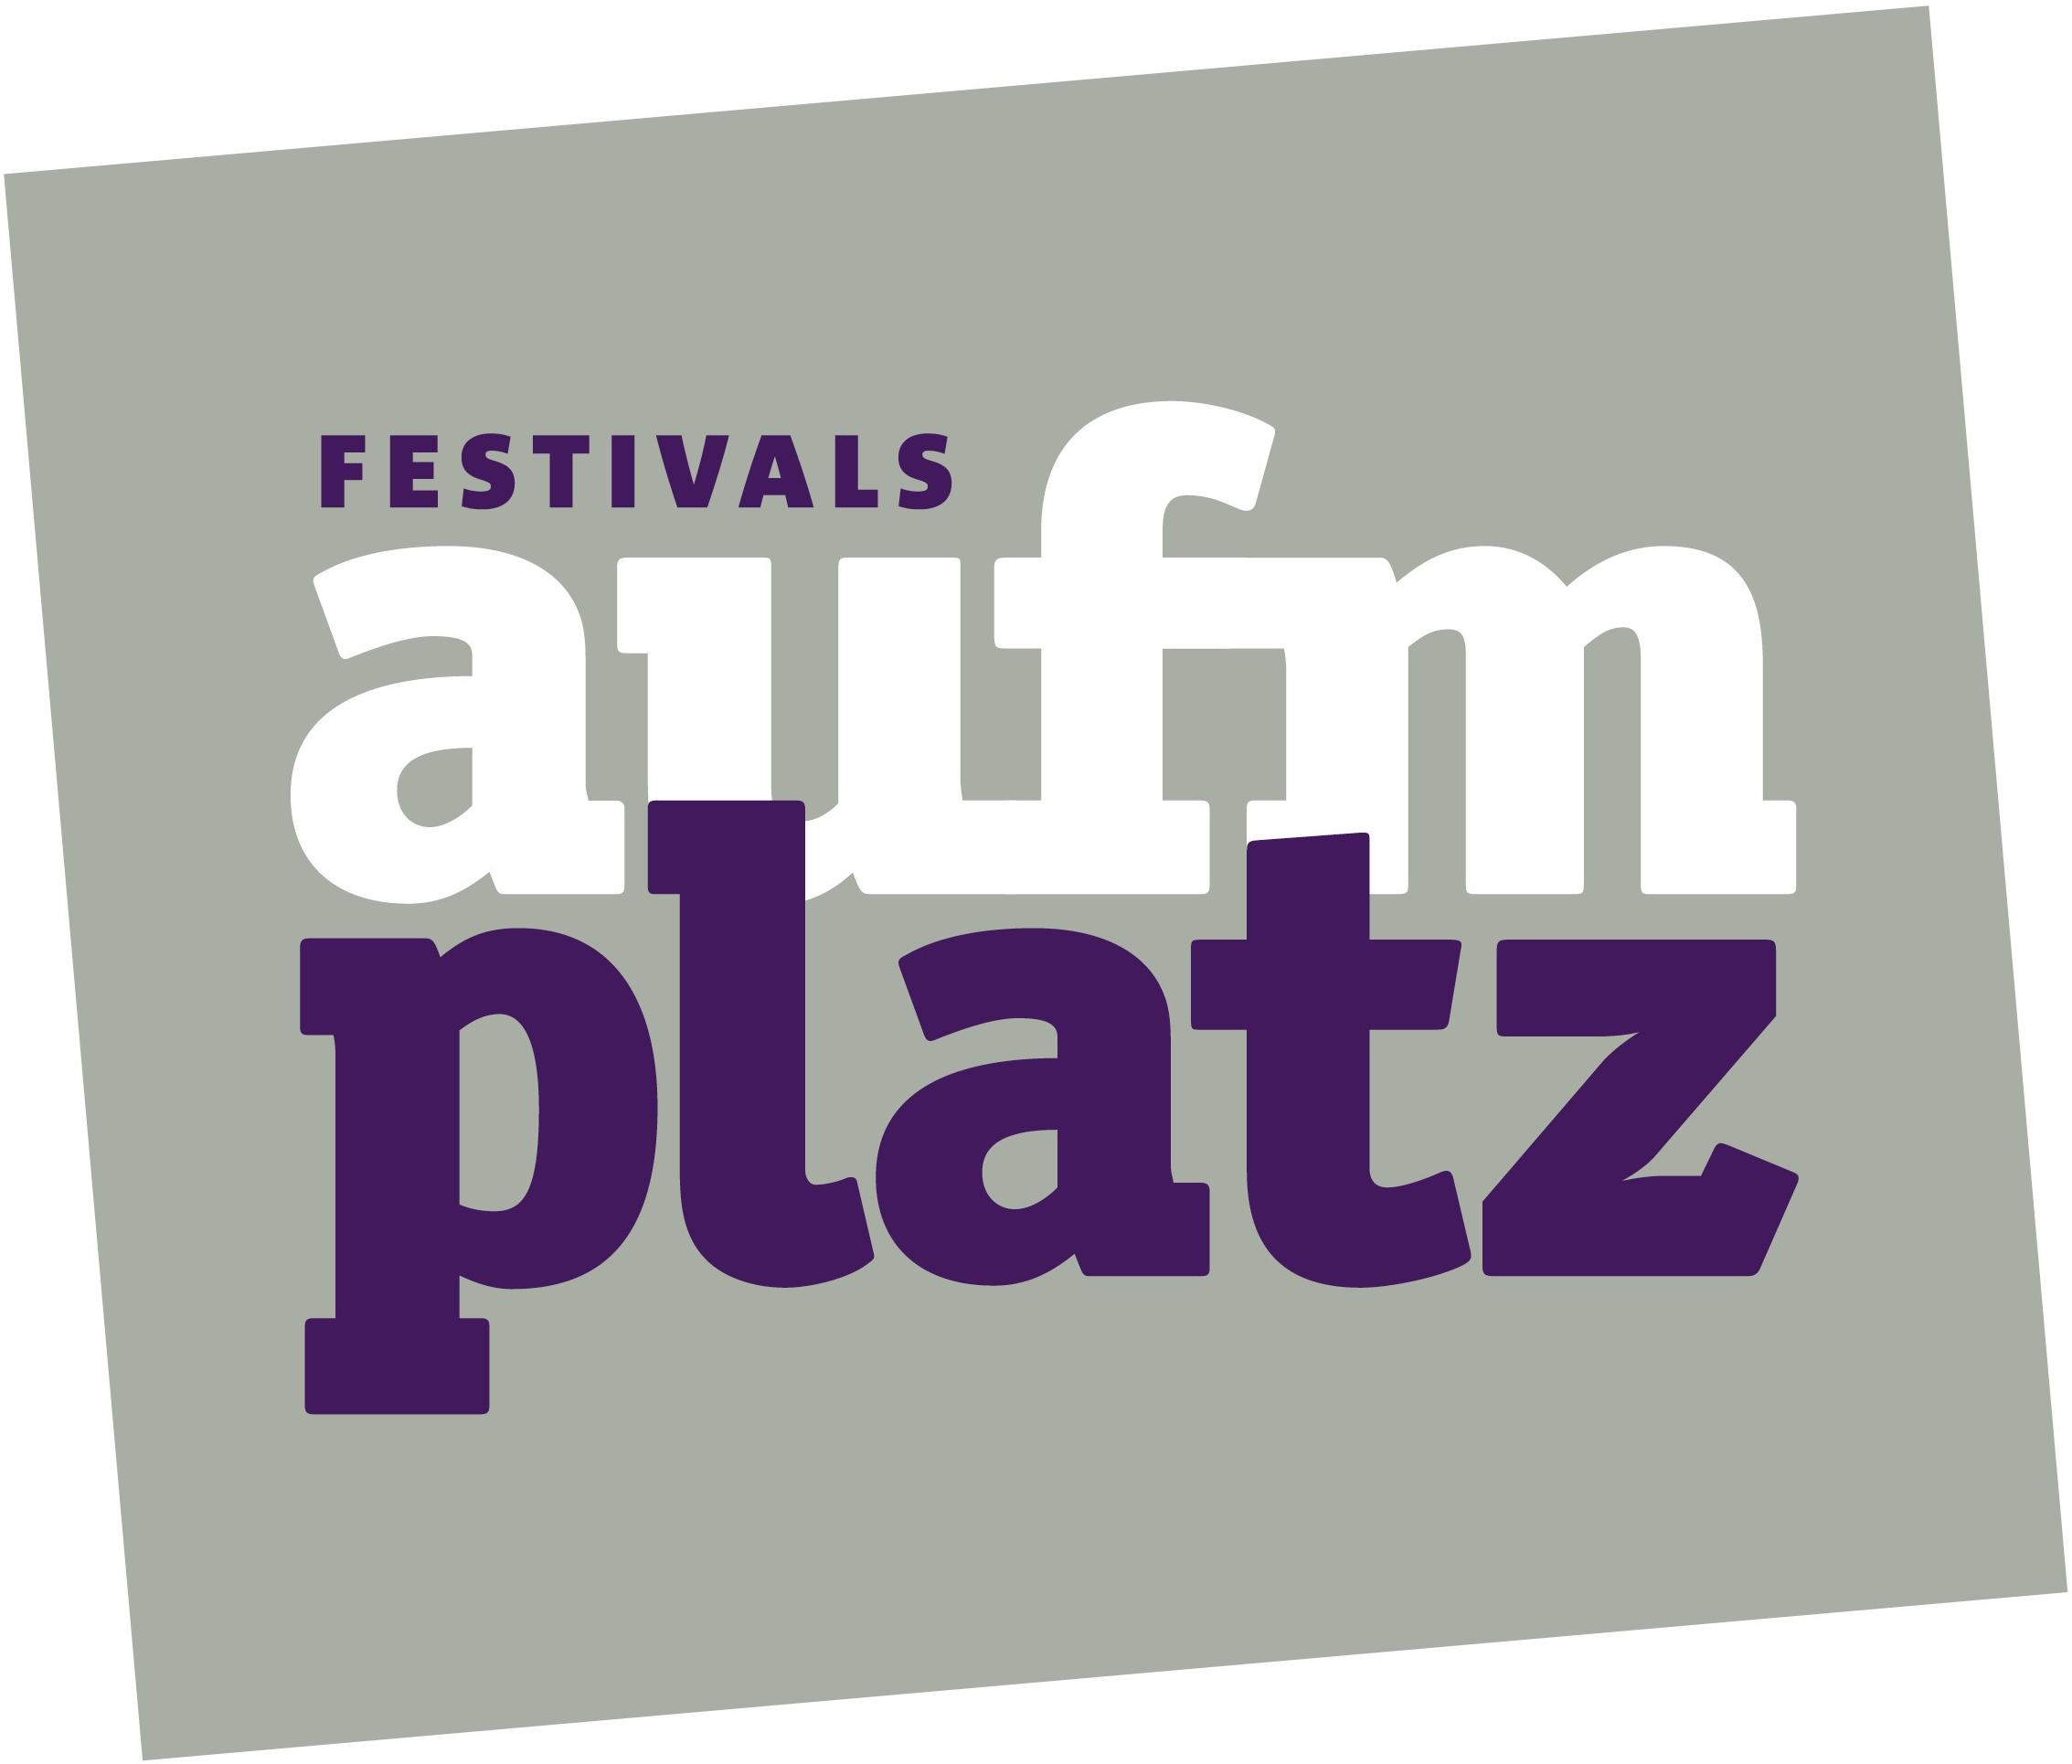 Wortmarke Festivals aufm Platz